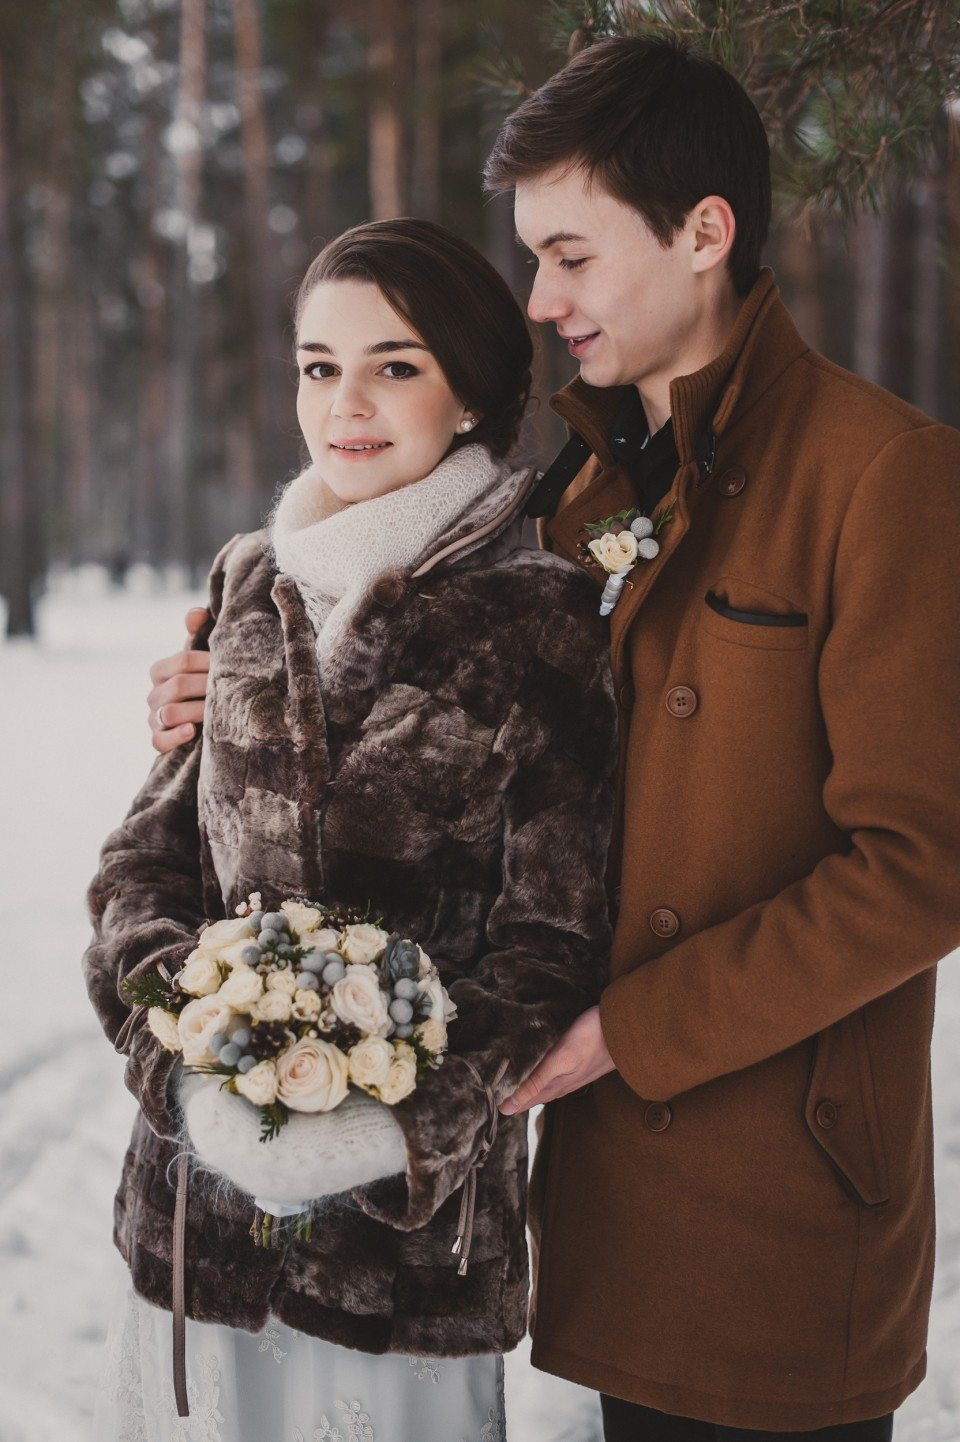 Еловый зимний аромат: love-story Никиты и Валентины